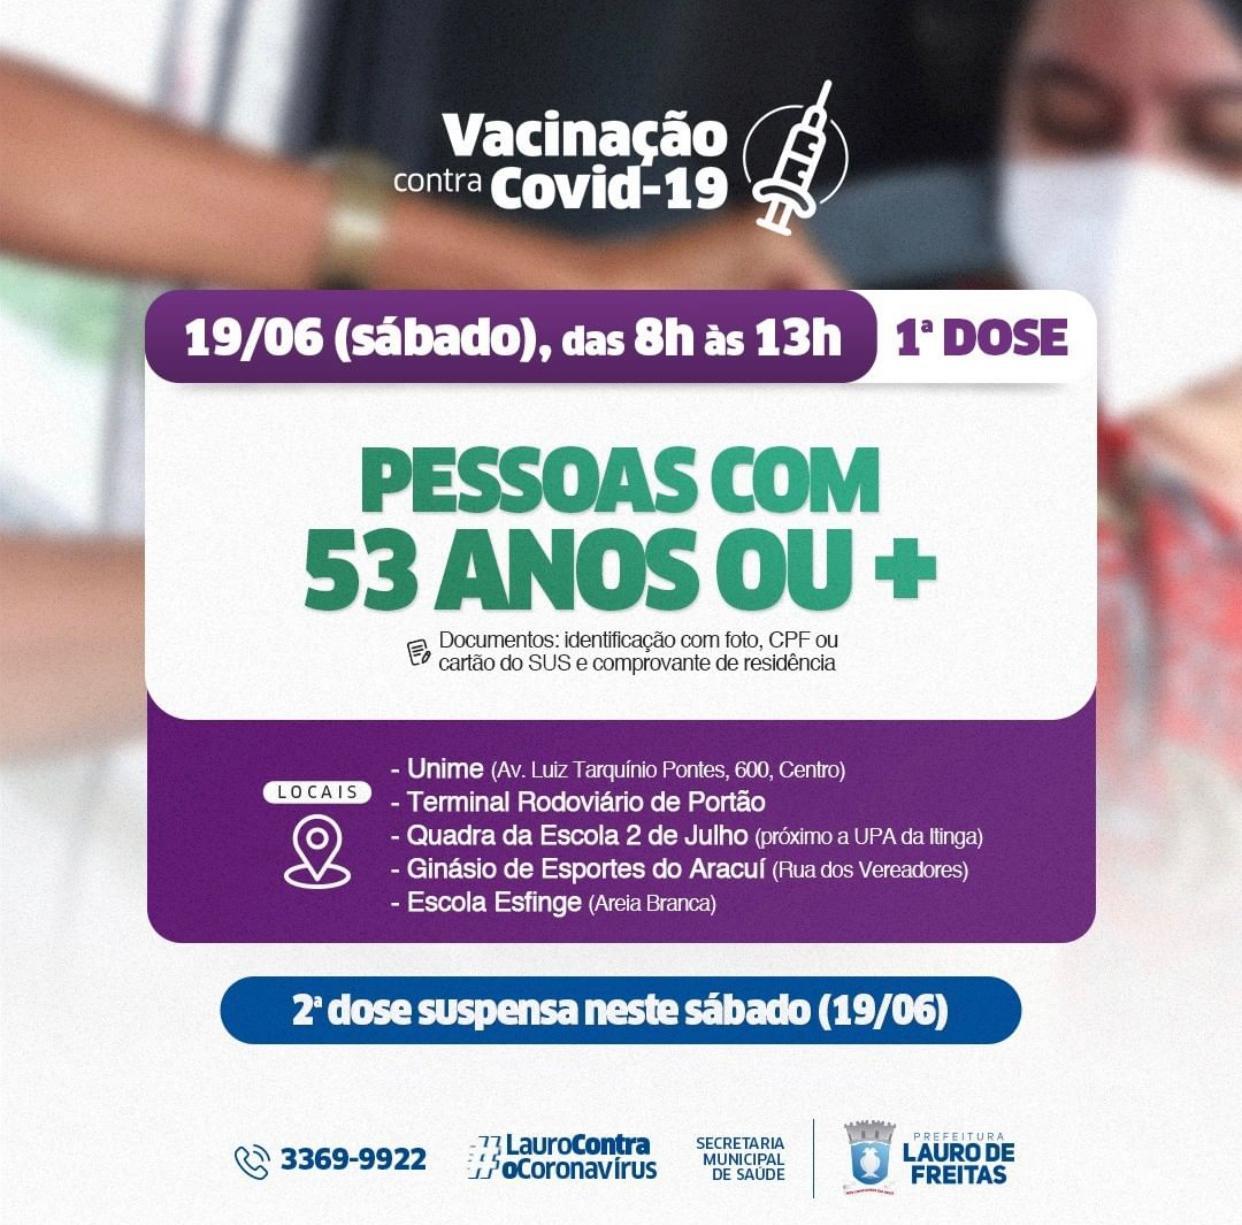 Lauro de Freitas avança na estratégia de vacinação e inicia imunização de pessoas com 53 anos ou mais neste sábado (19)